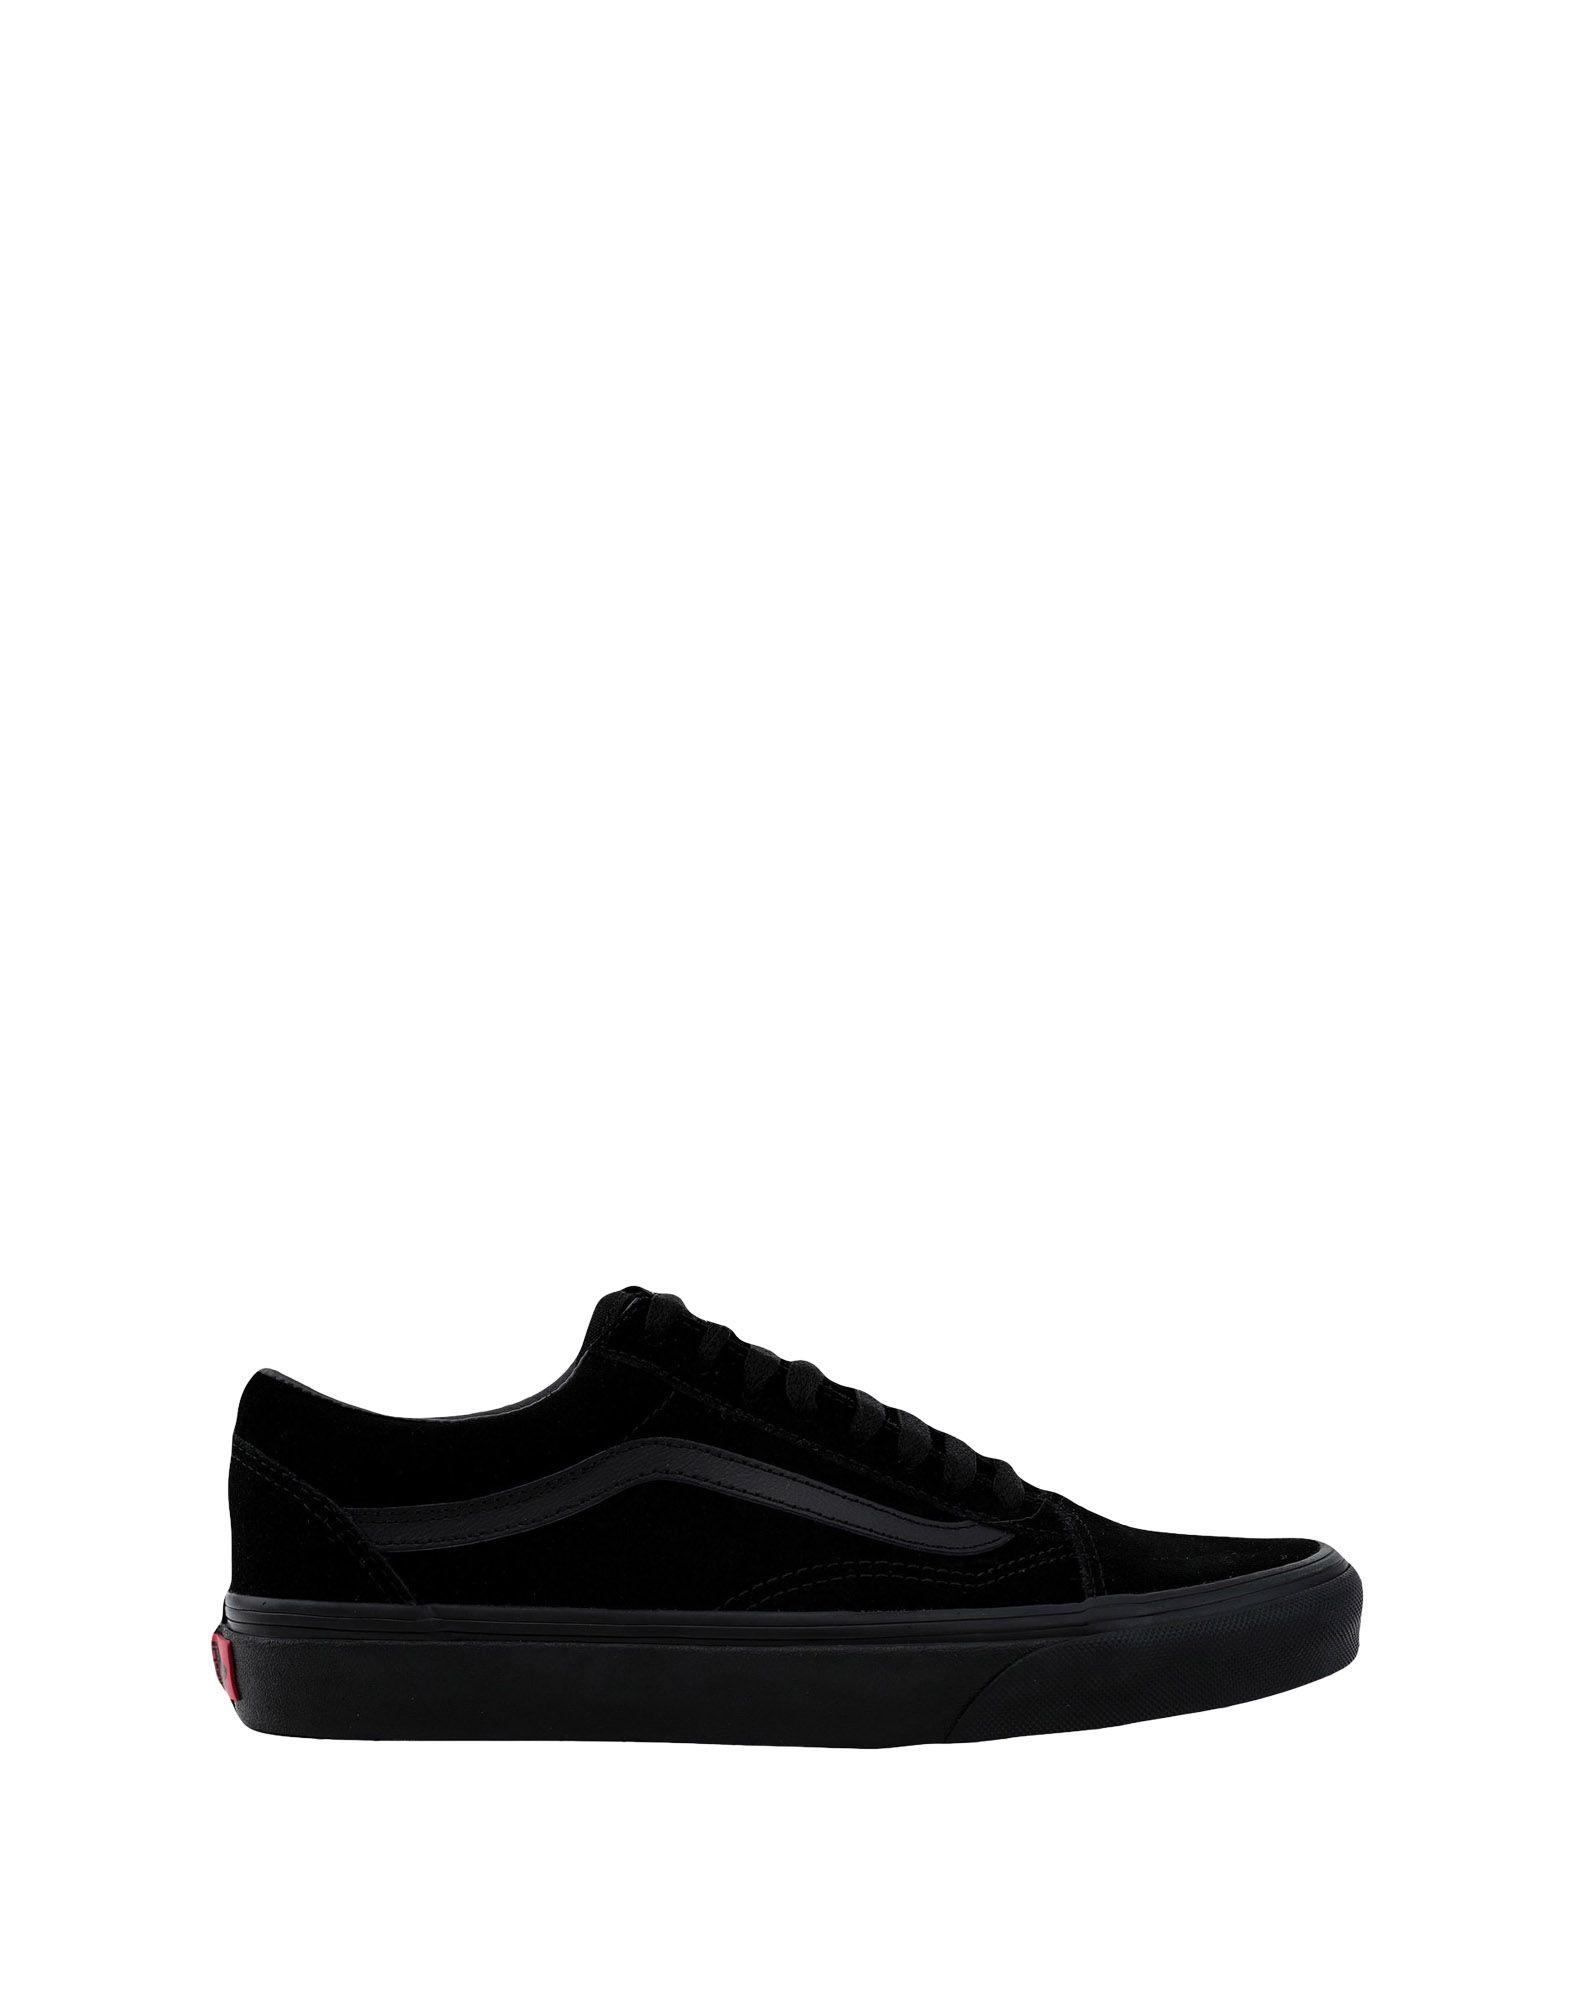 Vans Ua Old Skool - (Suede) Black/B - Sneakers - Skool Women Vans Sneakers online on  United Kingdom - 11562159UR 591cab